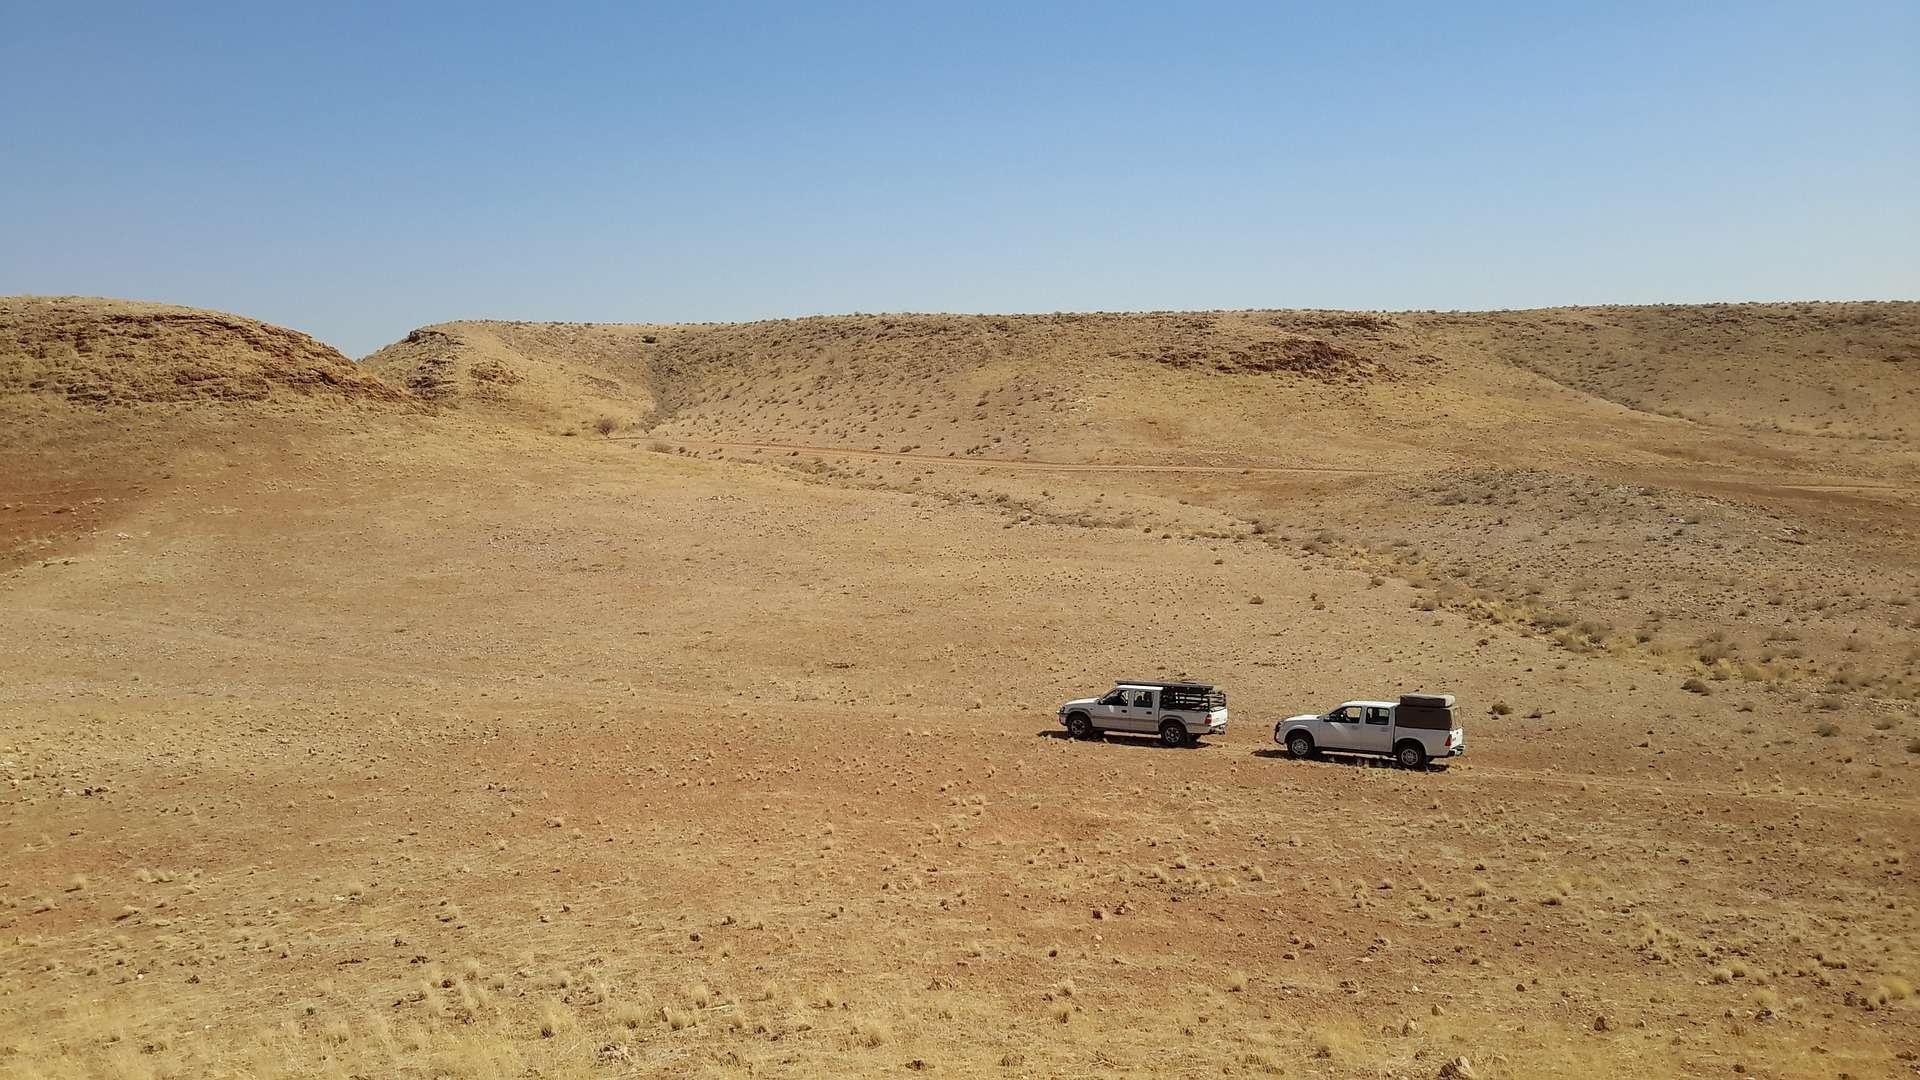 noleggiare_4x4_safari_namibia_africa